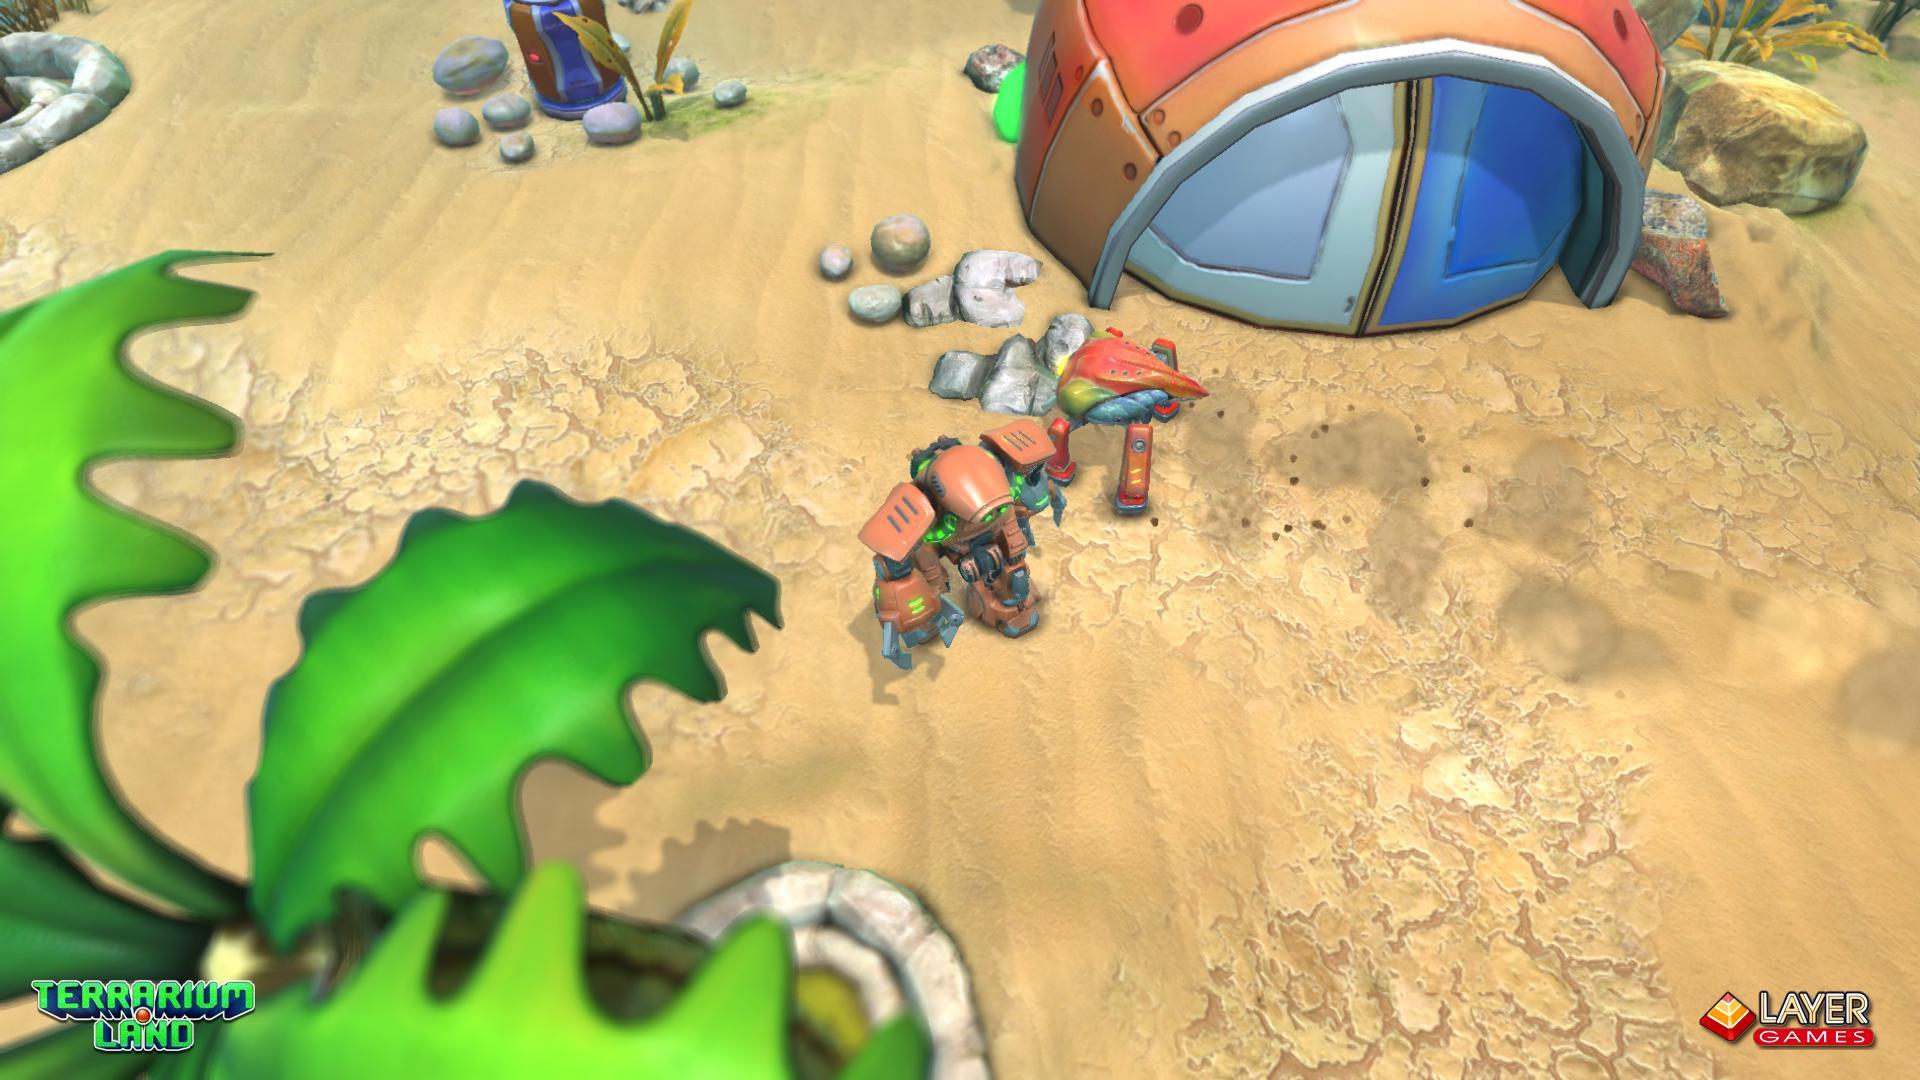 """3d игра """"Terrarium Land"""" весной выходит в Steam.. - Изображение 3"""